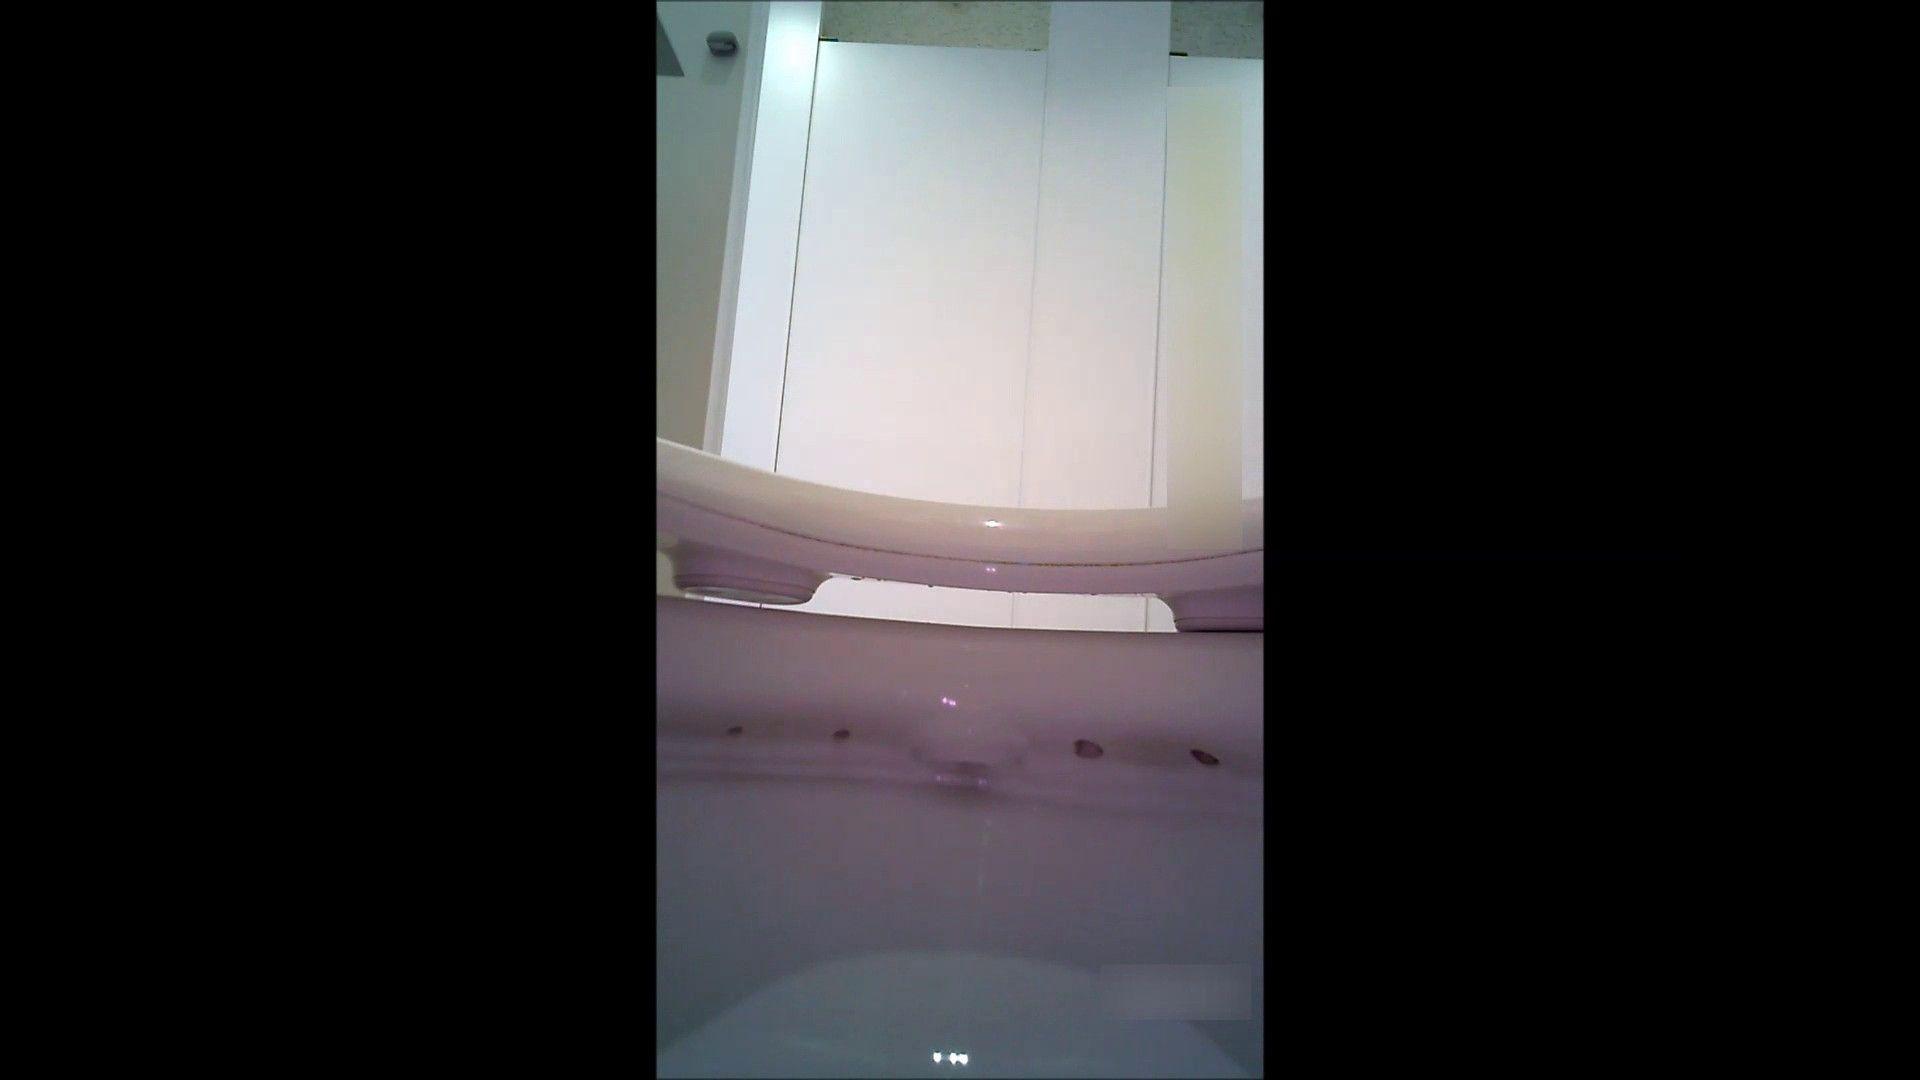 キレカワ女子大生の秘密の洗面所!Vol.051 バックショット のぞき濡れ場動画紹介 94pic 62